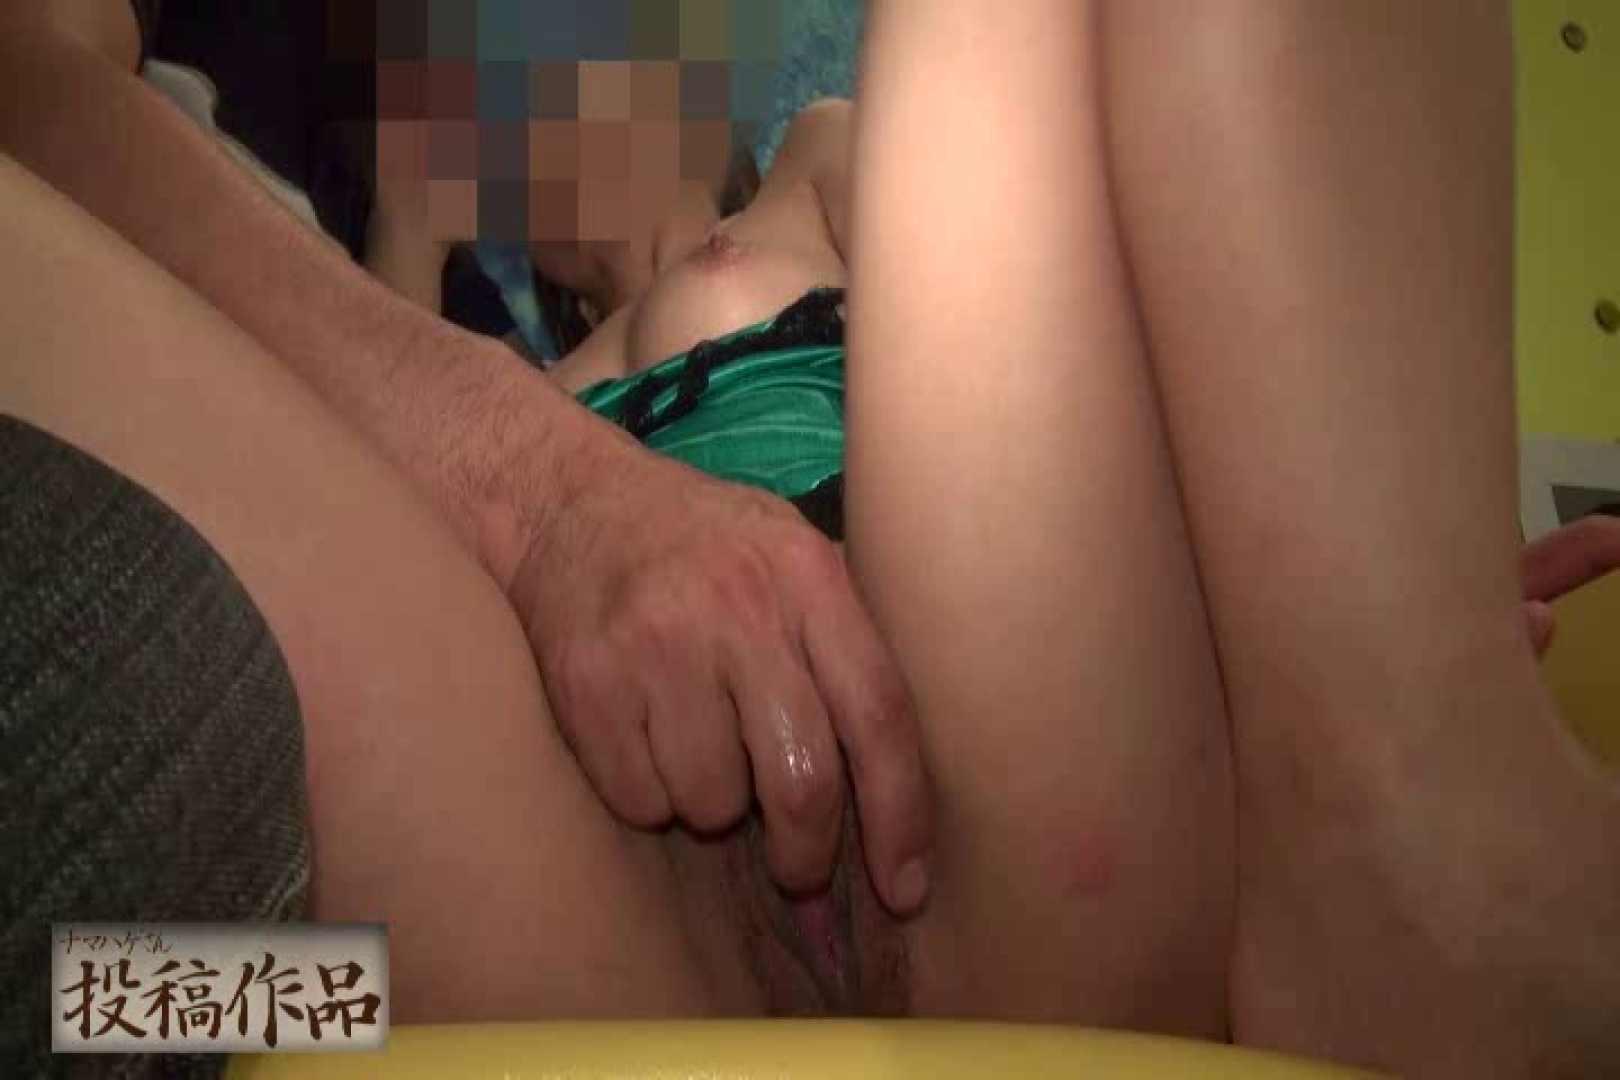 ナマハゲさんのまんこコレクション第二章 maria SEX おまんこ無修正動画無料 105pic 59